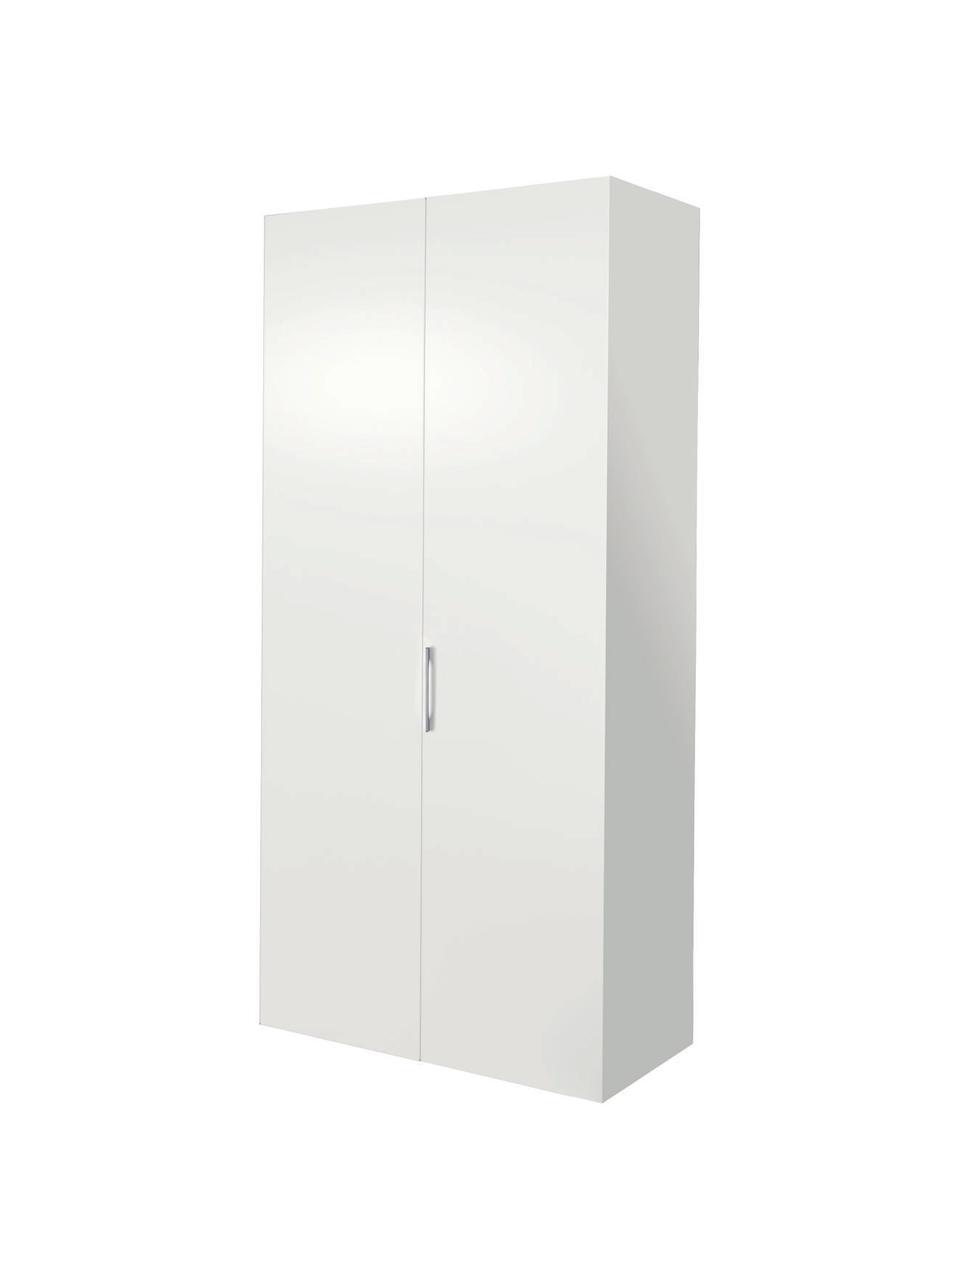 Kleiderschrank Madison mit 2 Türen in Weiß, Korpus: Holzwerkstoffplatten, lac, Weiß, 102 x 227 cm